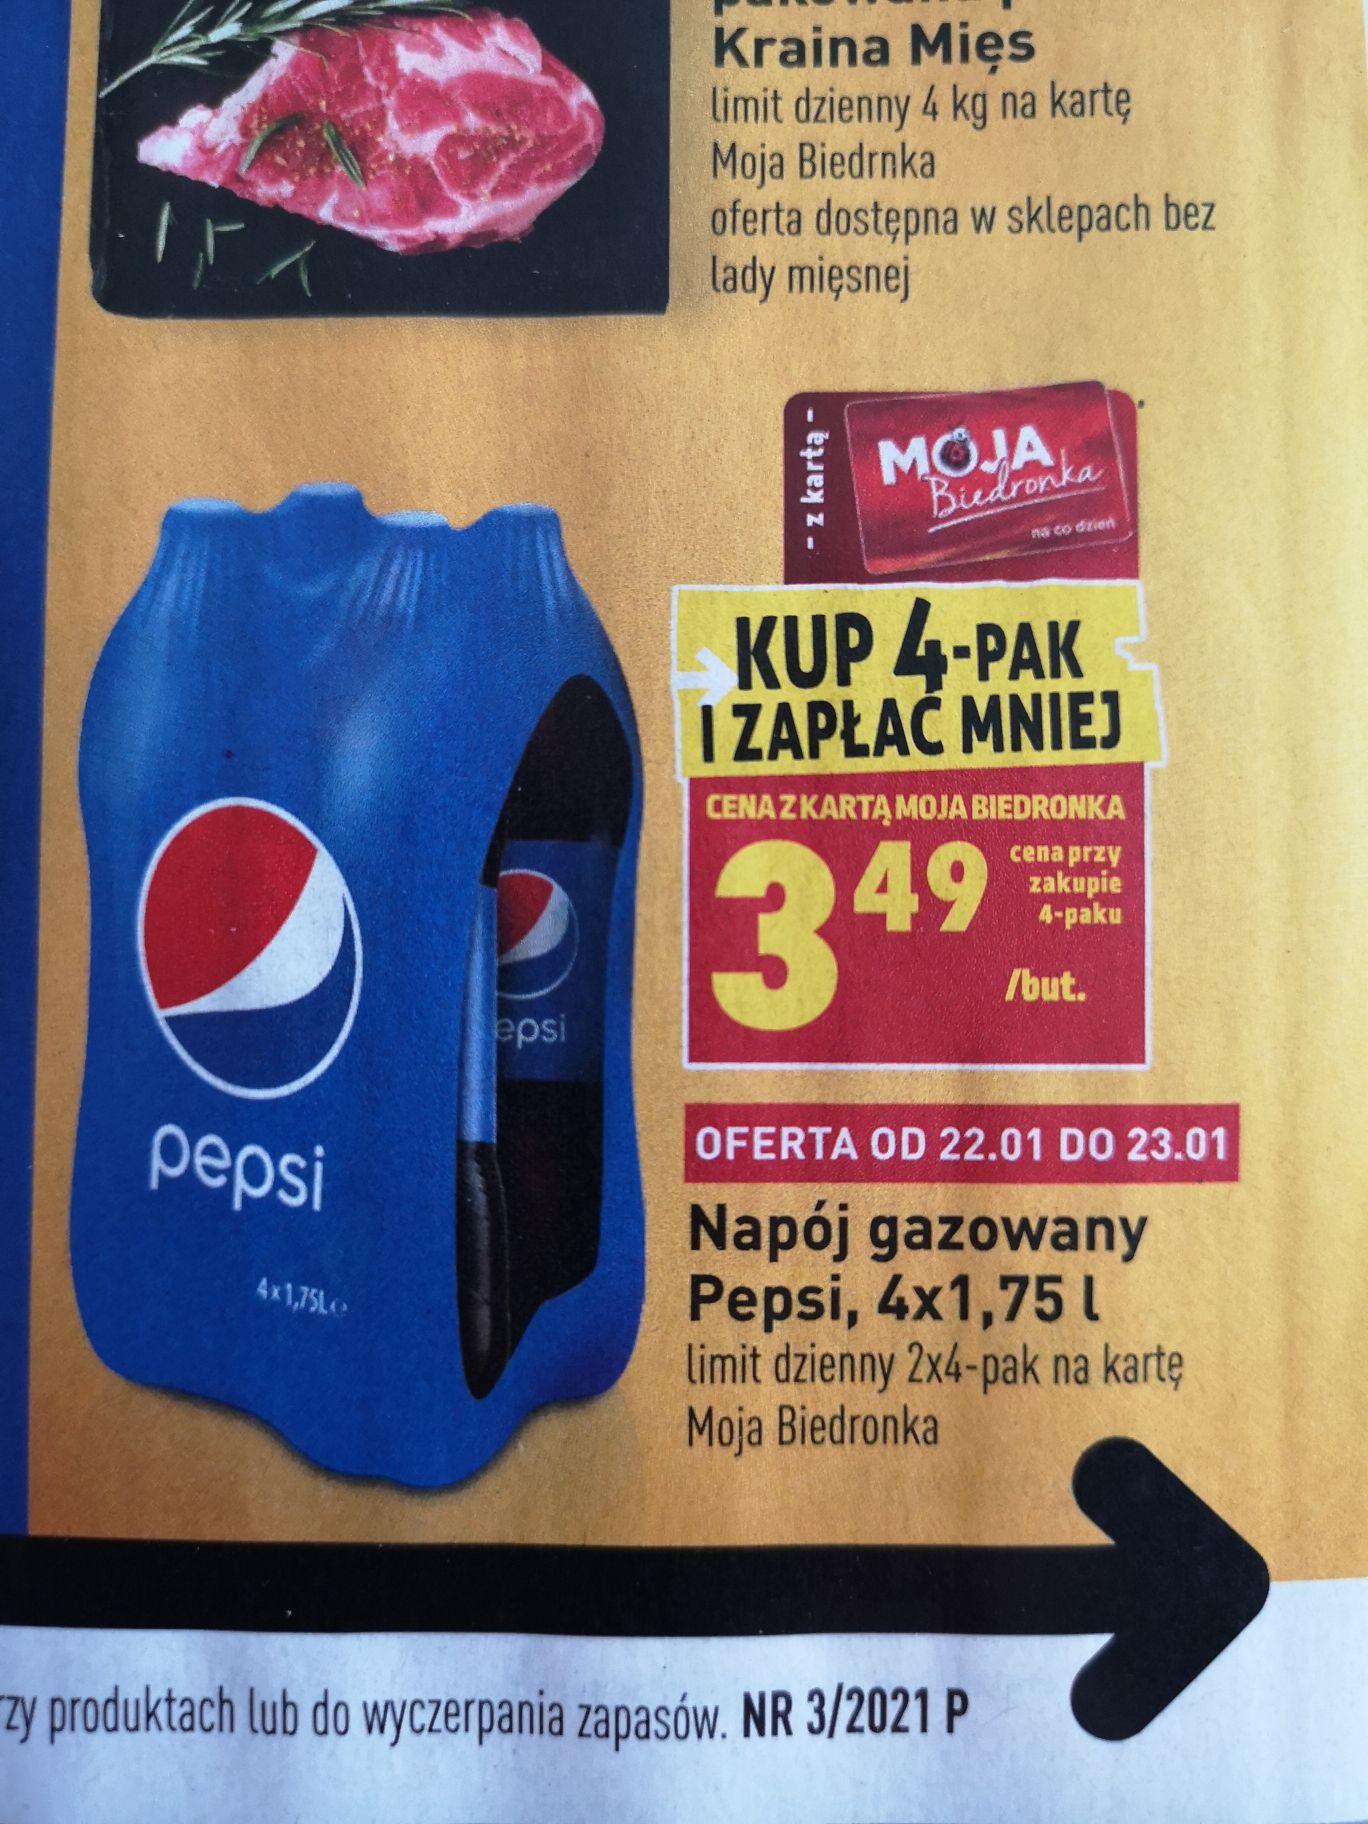 Pepsi 1,75l za 3,49zł przy zakupie 4-paku.